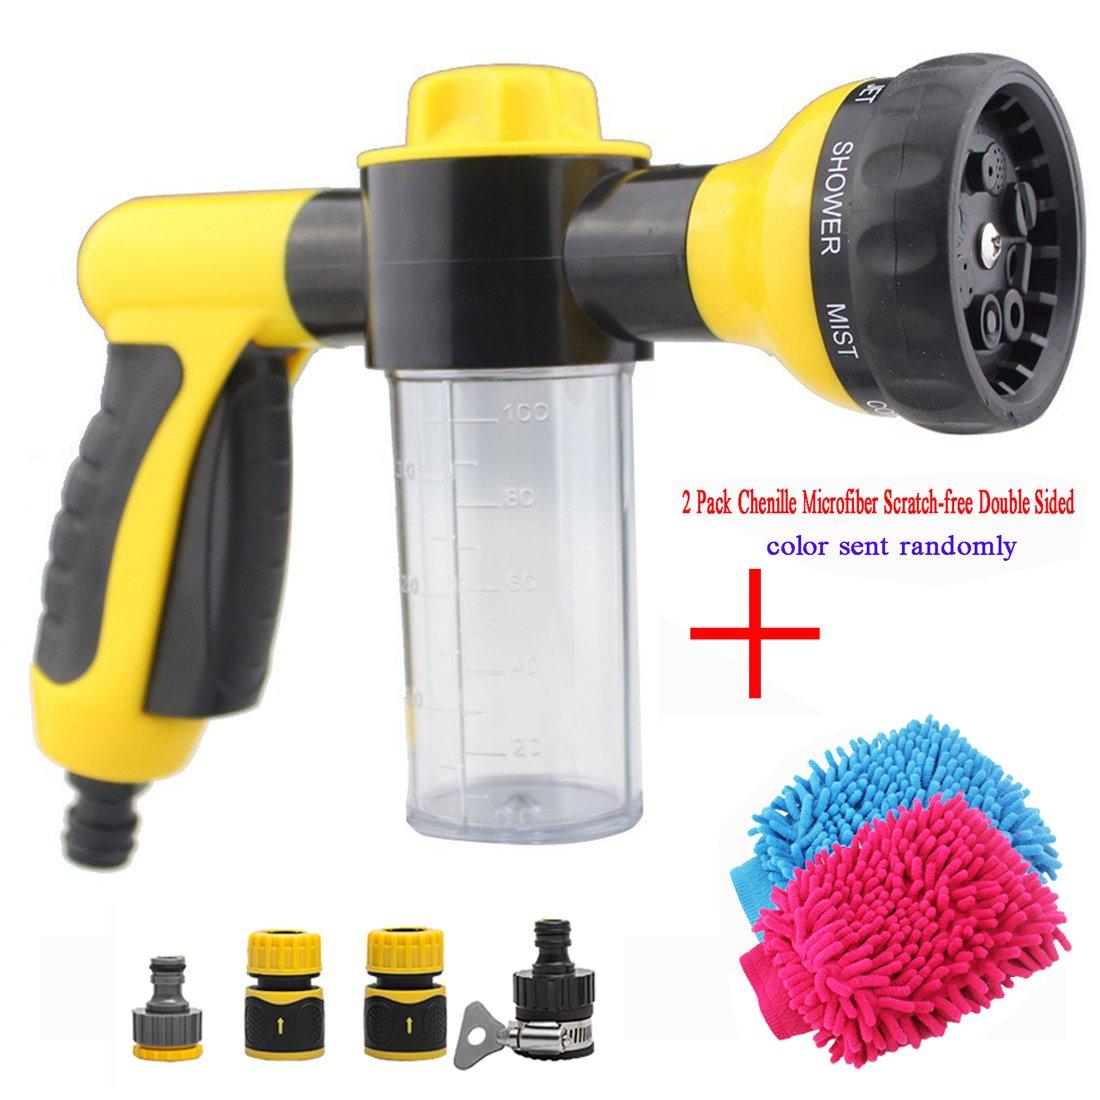 Lavage de voiture par buse de pulvérisation d'eau à haute pression Pulvérisateur de forme 8 en 1 spray, paramètres avec fonction de nettoyage en mousse, meilleur pour un lavage de voiture, jardinag